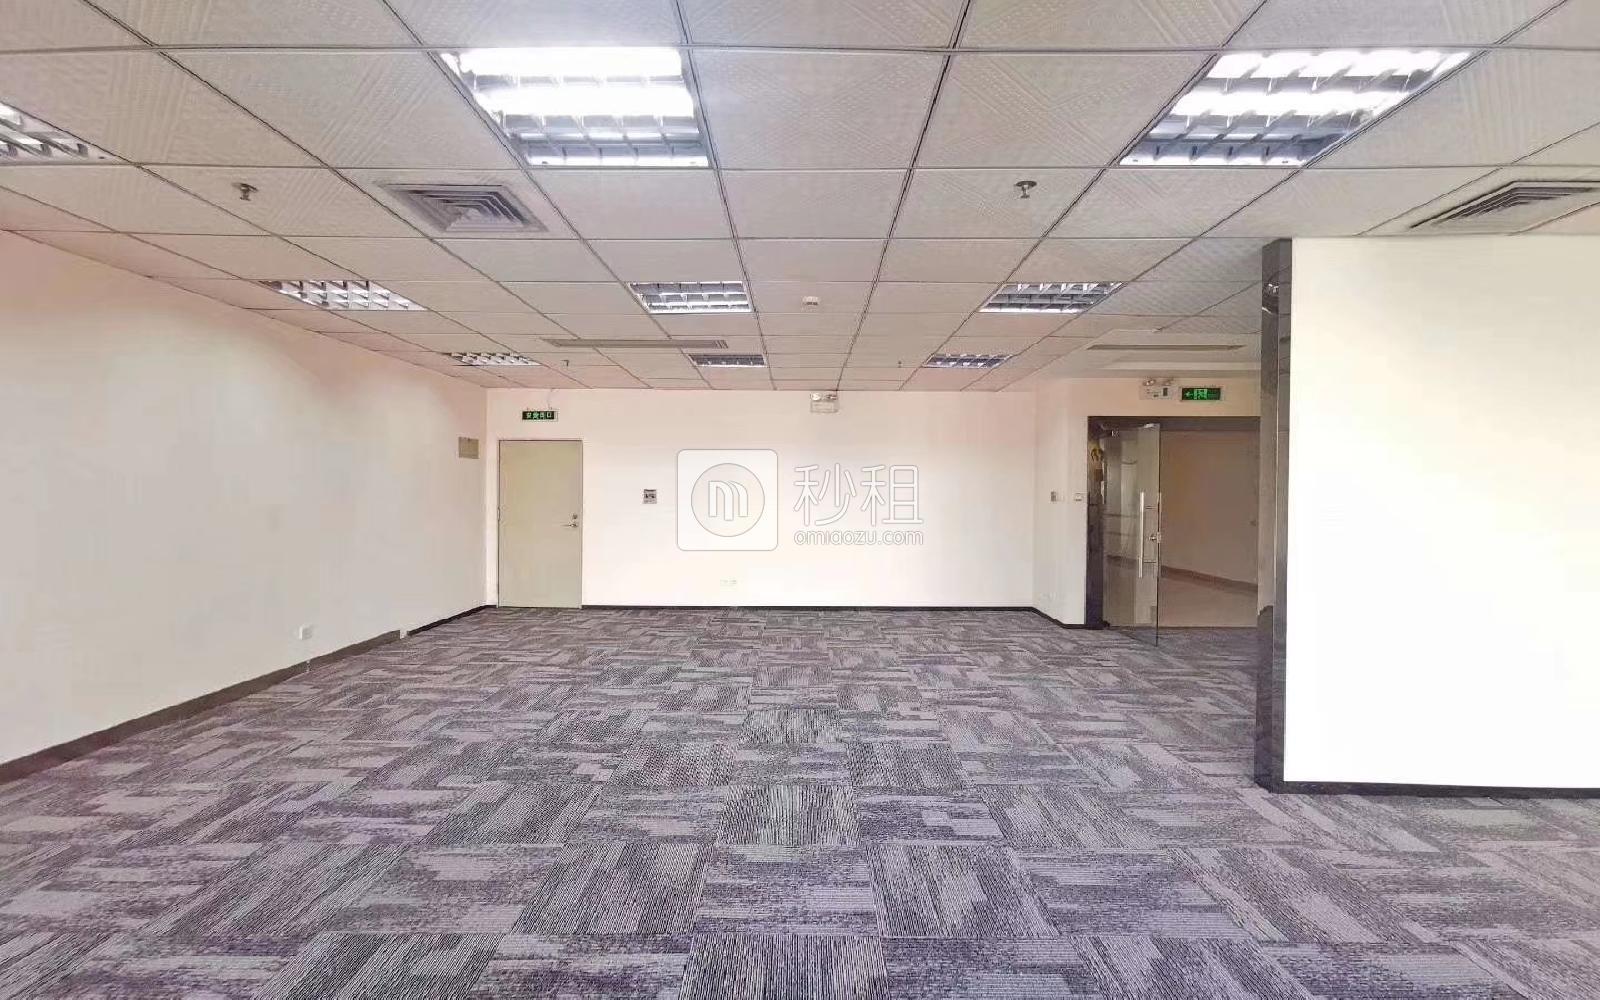 福田-福田中心区 荣超经贸中心 225m²